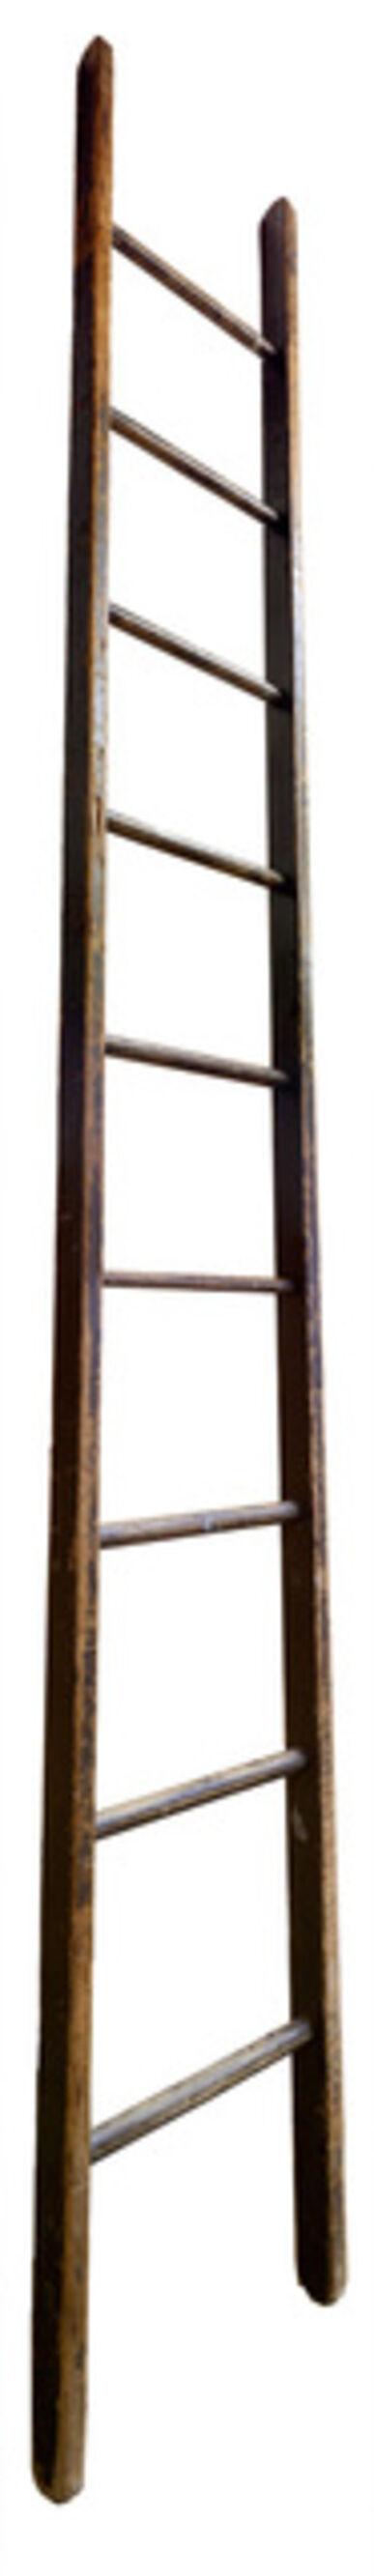 Jennifer Williams, 'Large Ladder: Wooden', 2014